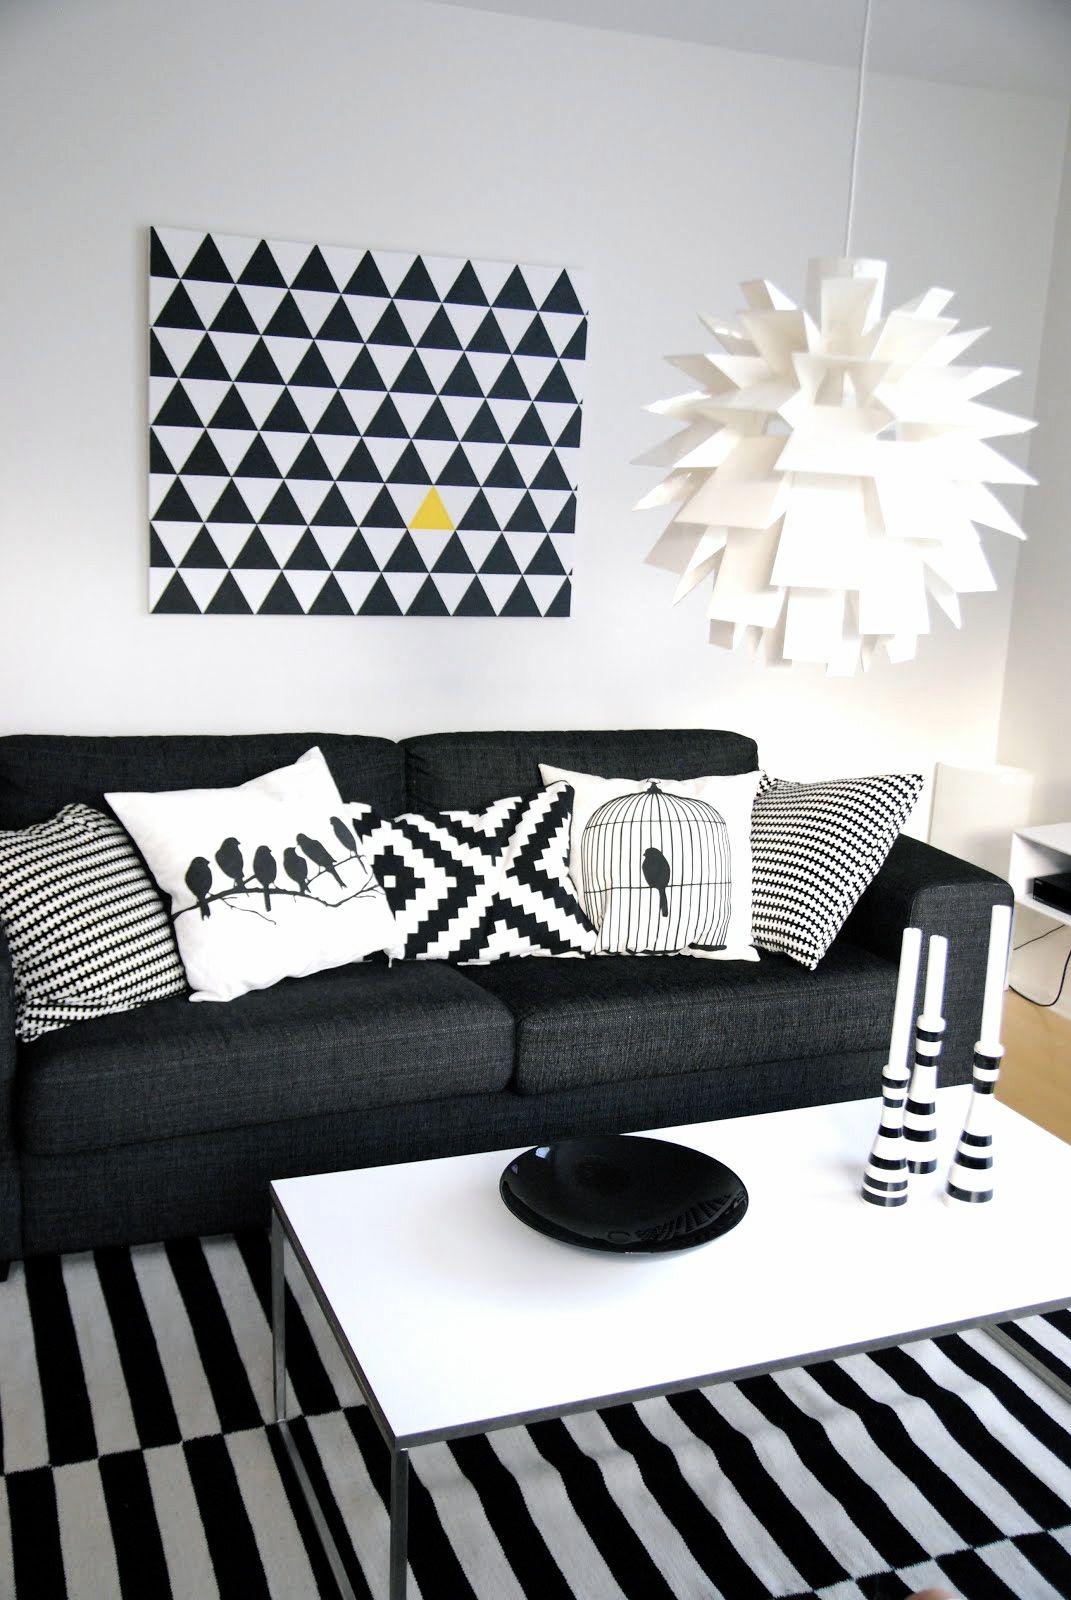 47 idées de déco en noir et blanc à faire soi-même | Idées de déco ... - Tableau A Faire Soi Meme